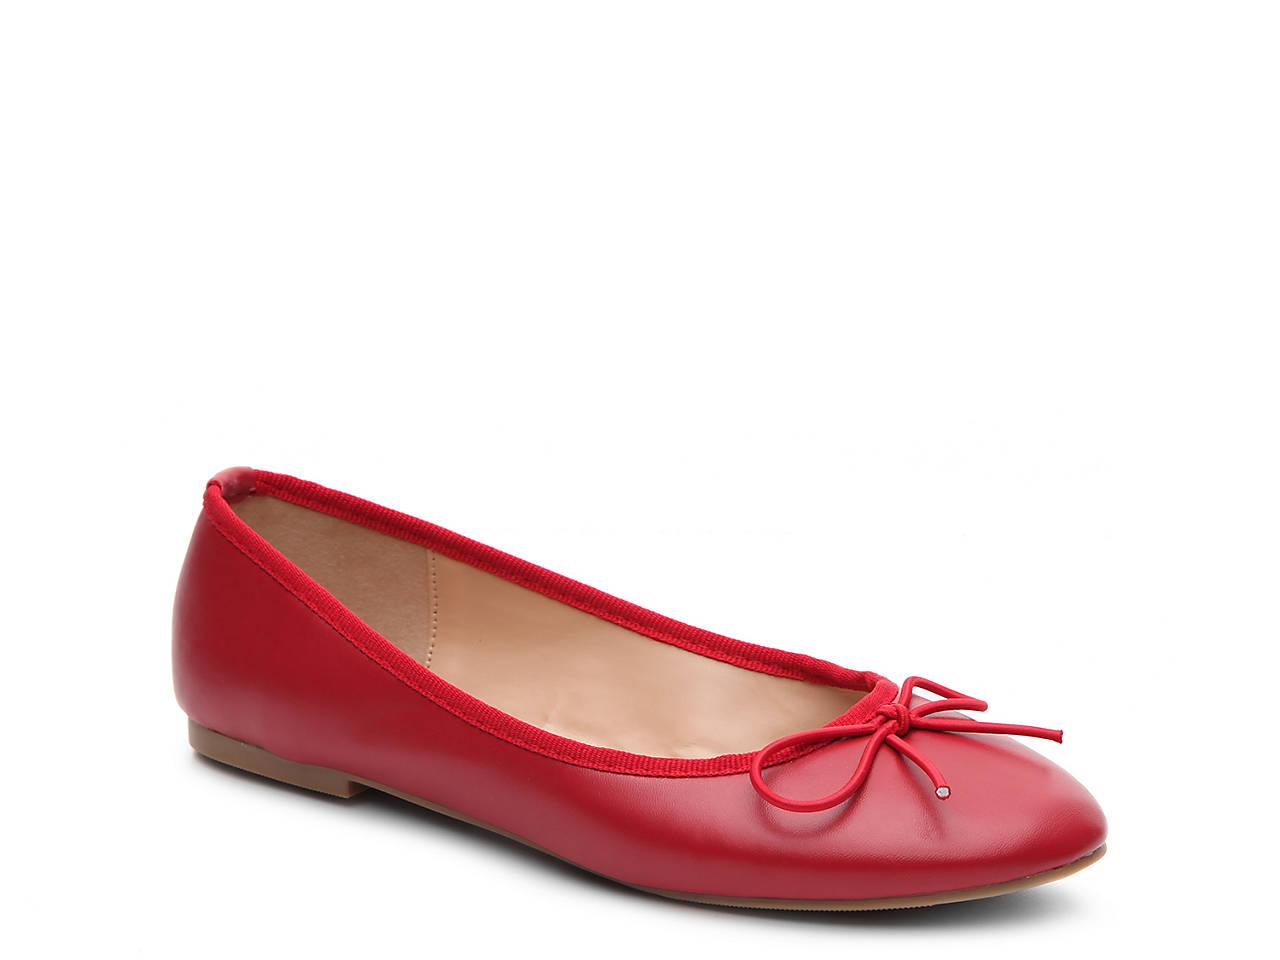 de3dbb559 Journee Collection Vika Ballet Flat Women's Shoes   DSW